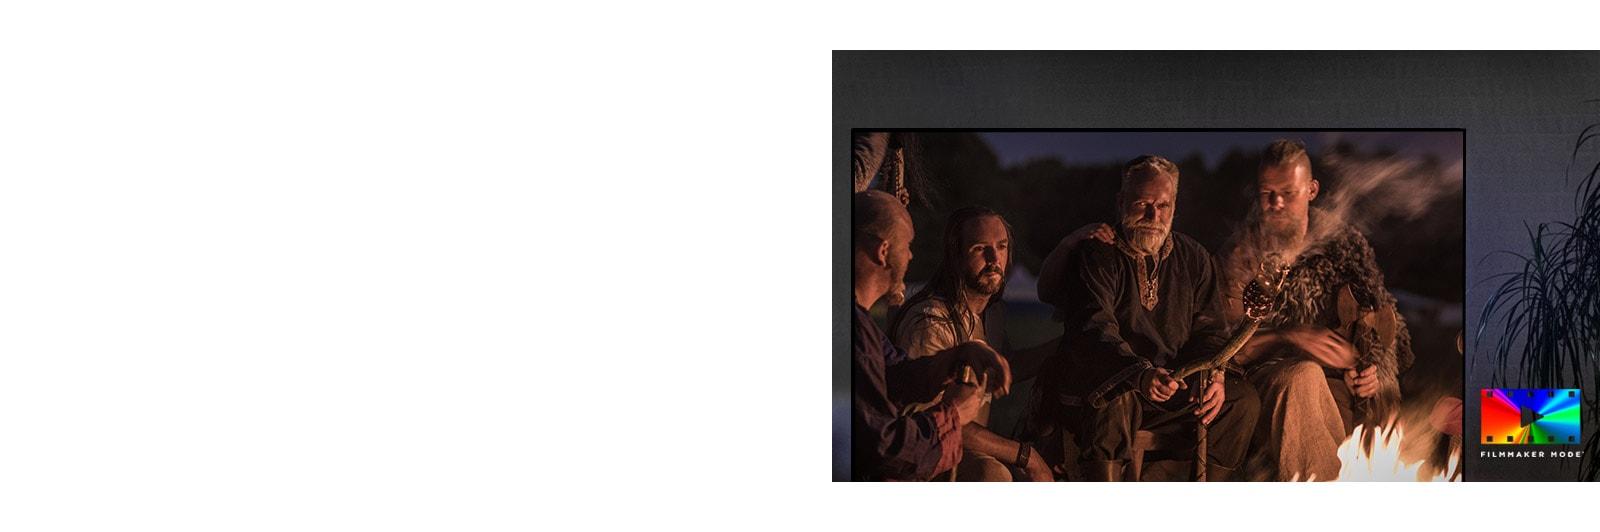 Una escena de una película de fantasía en una pantalla de televisión y el logotipo del modo cineasta